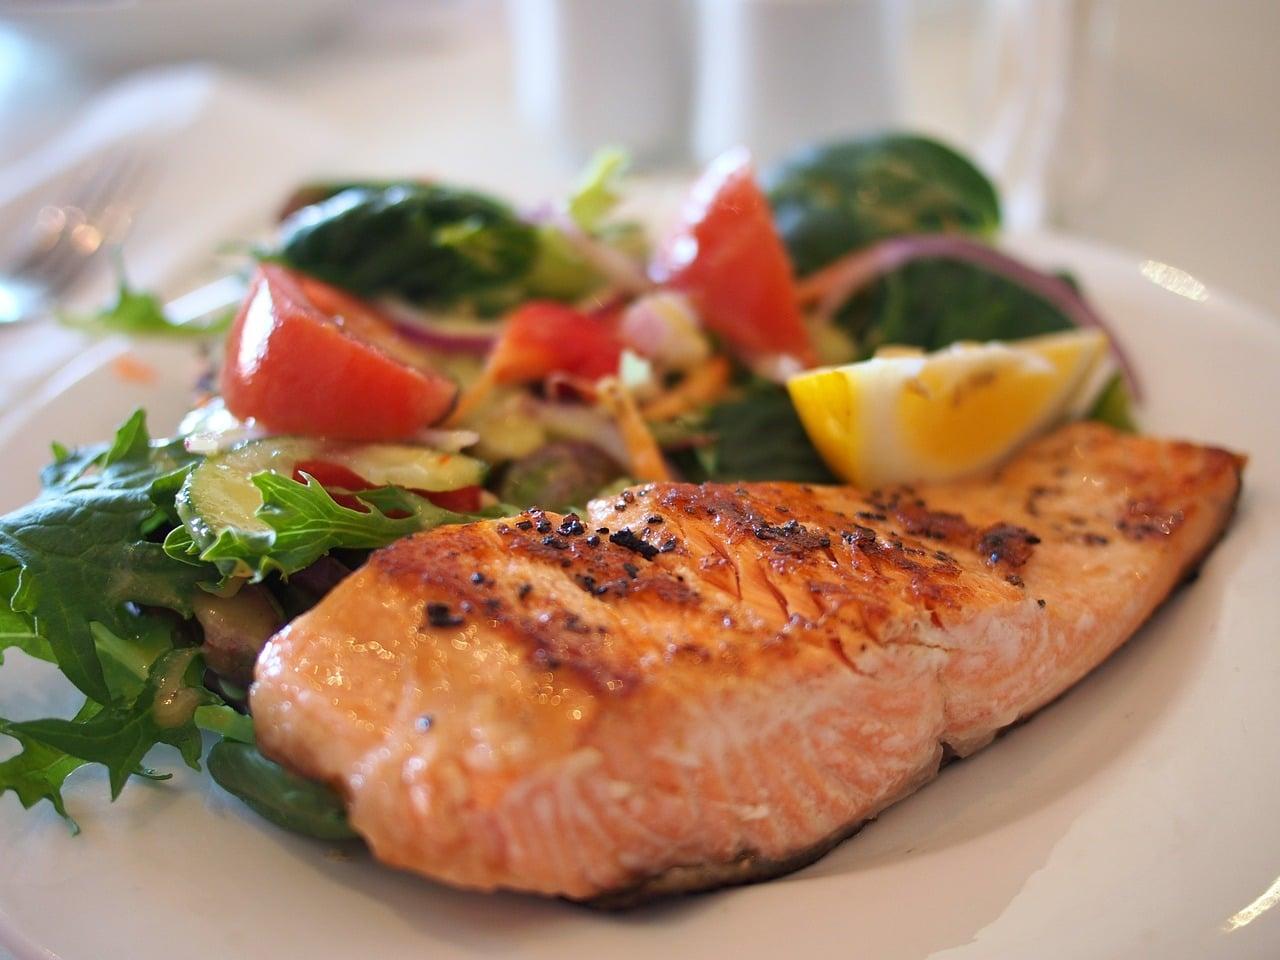 pesce 1556205388 - Come riconoscere il pesce fresco